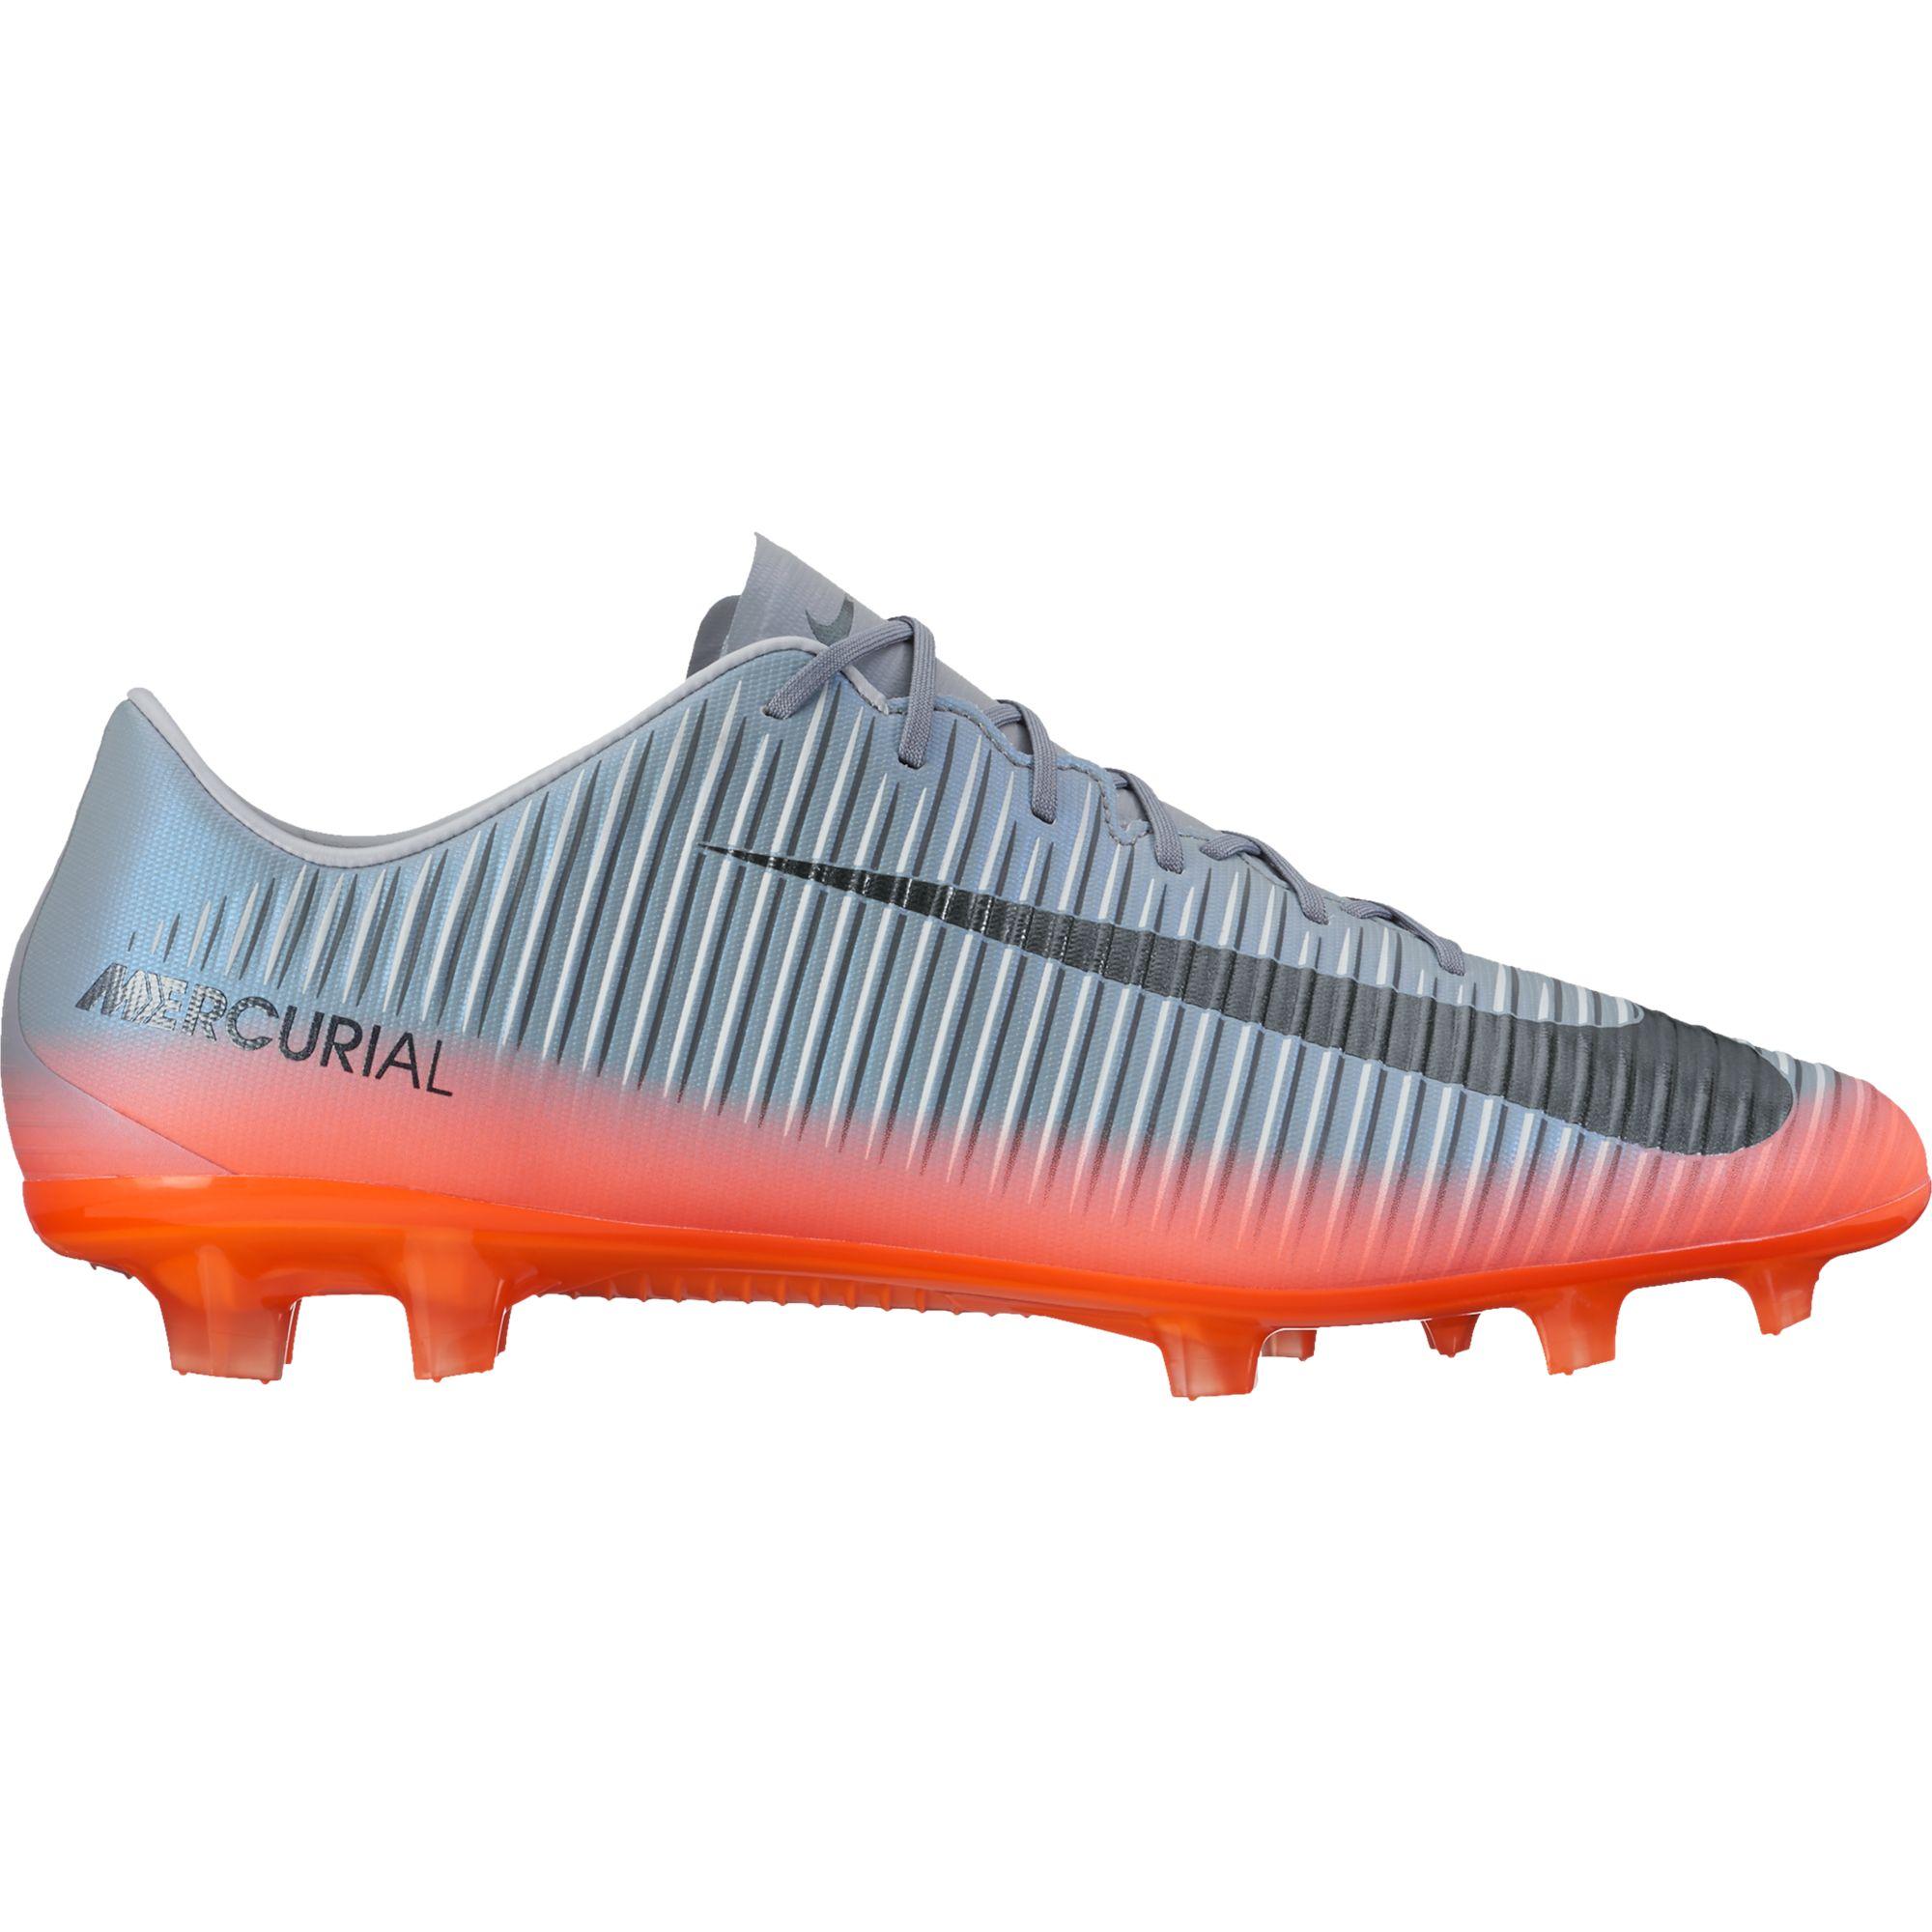 Chaussure de football à crampons pour terrain sec Nike Mercurial Veloce III CR7 (FG) pour Homme   EKINSPORT